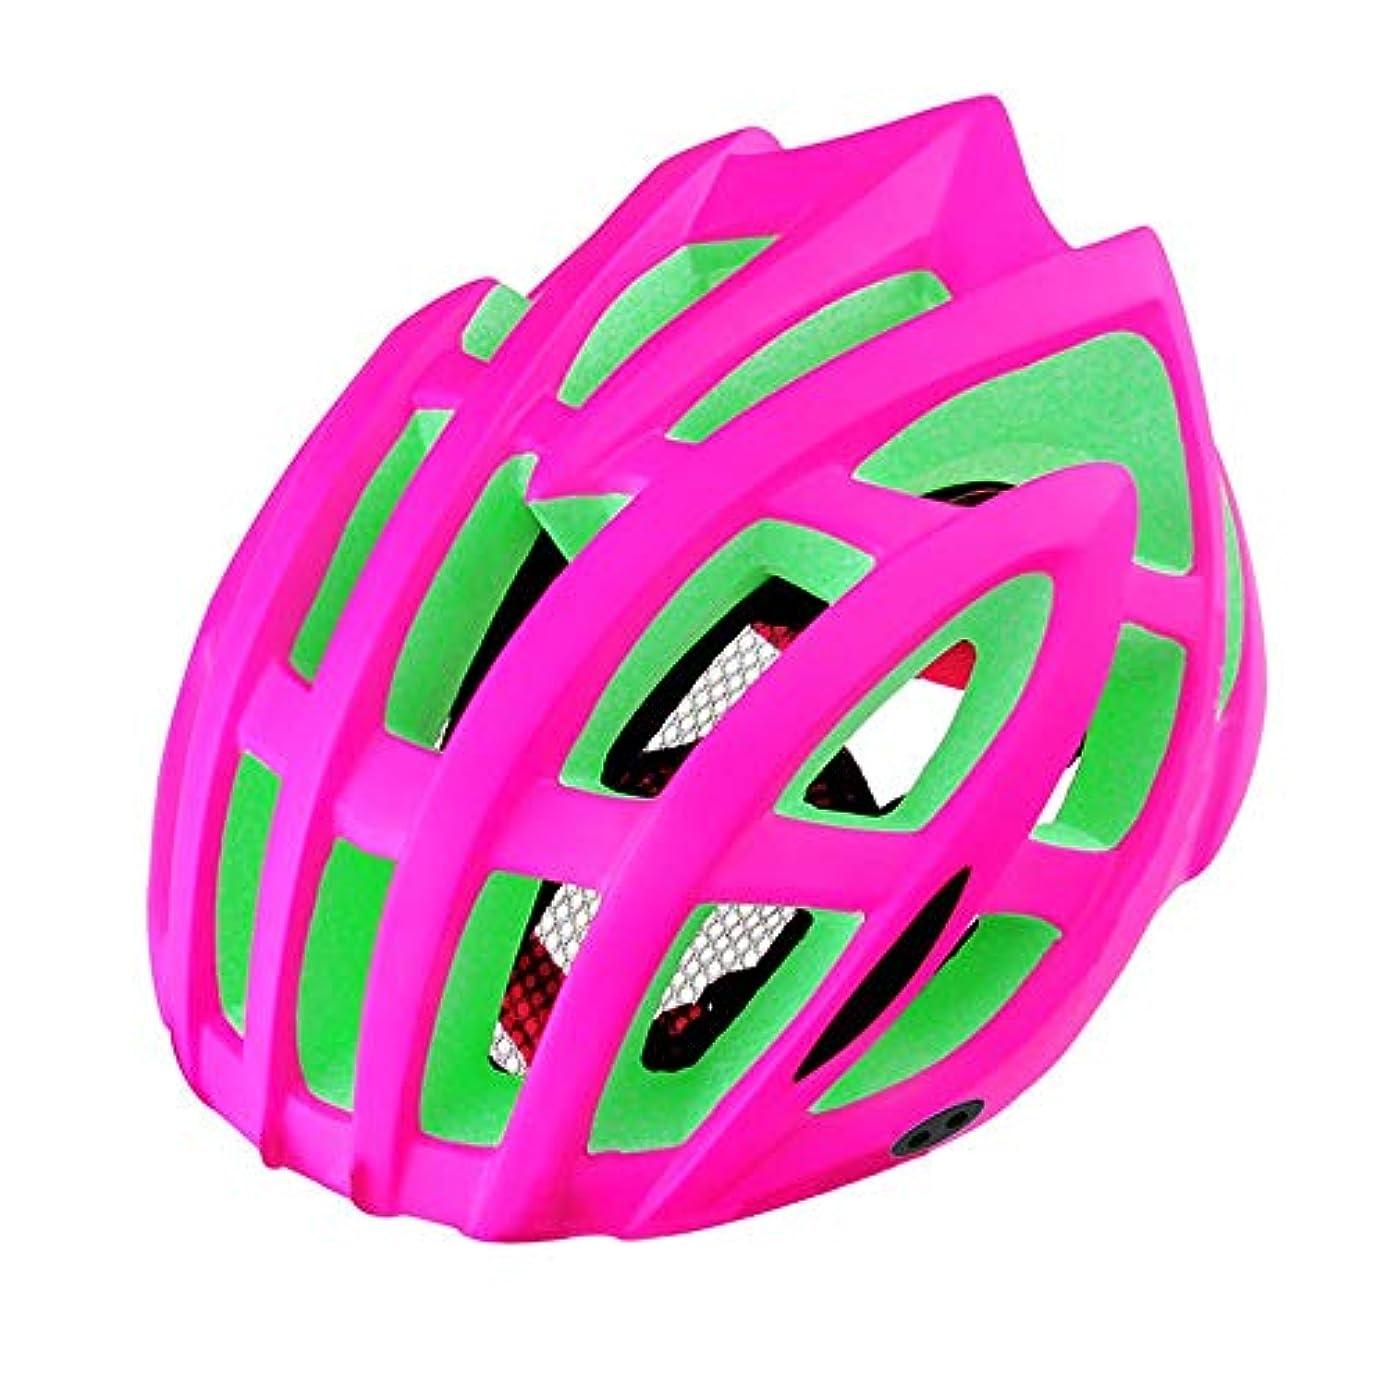 神経無意味叫び声HYH 自転車の色EPSワンピースヘルメット大人の男性と女性のサイクリング乗馬用ヘルメット快適な ヘルメット いい人生 (Color : Pink)